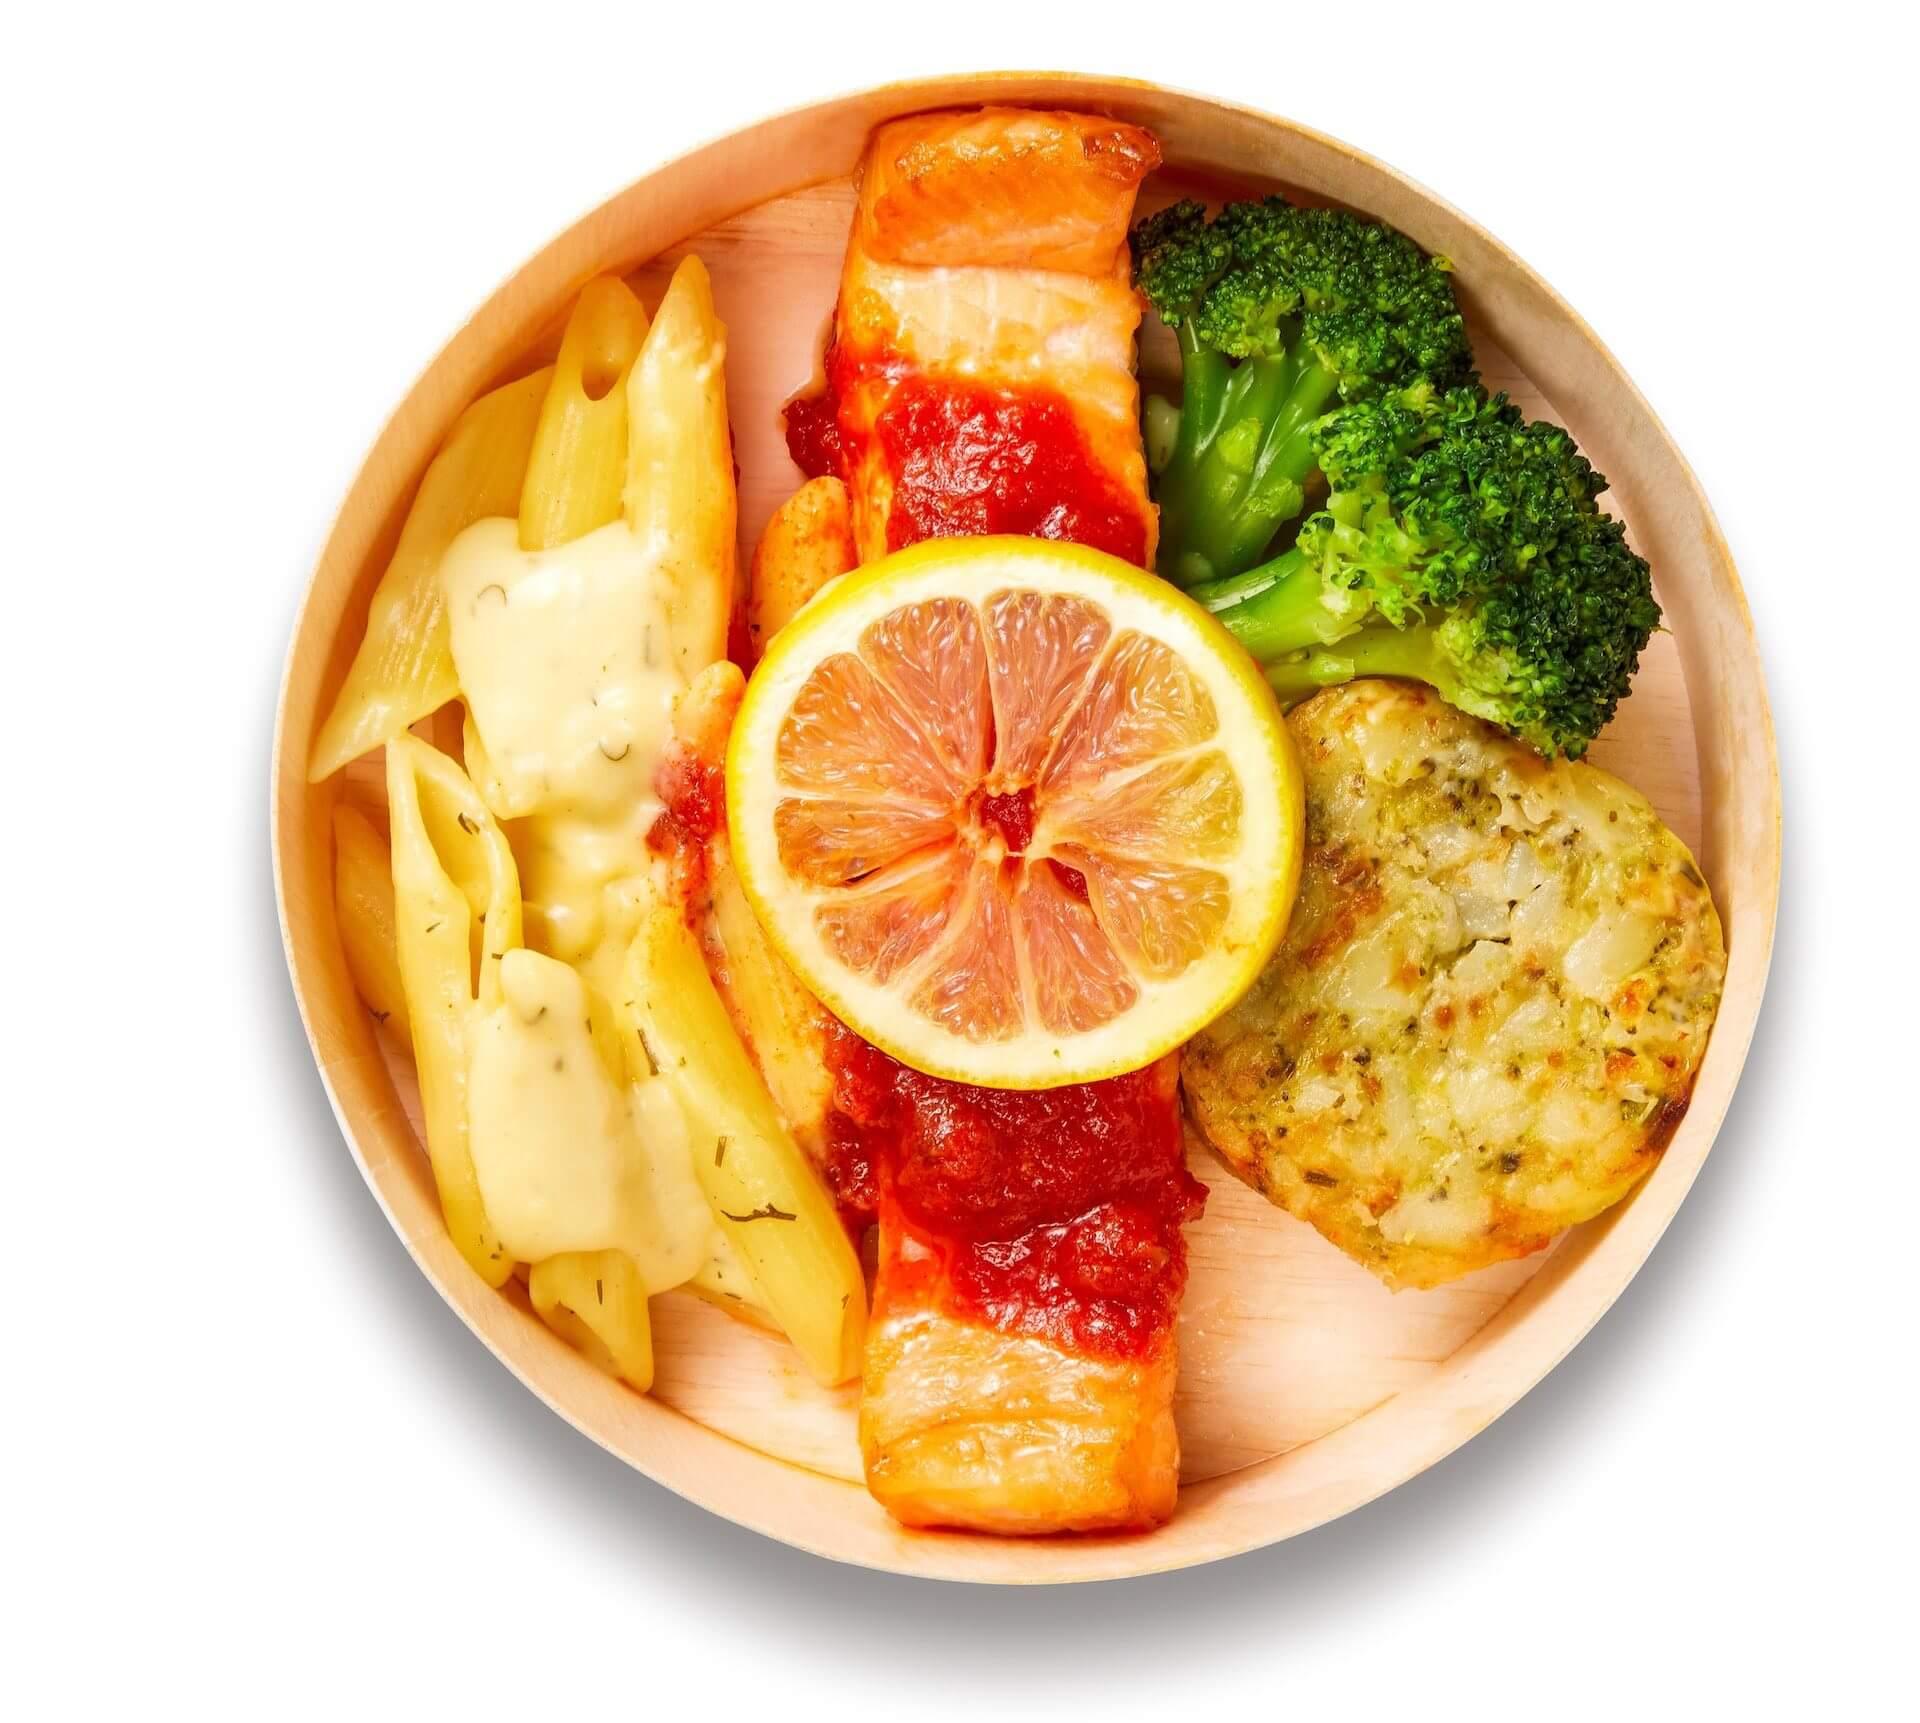 ミートボールBOXなど人気メニューが自宅でも!イケアレストランの一部メニューがテイクアウト可能に gourmet200423_ikea_restaurant_03